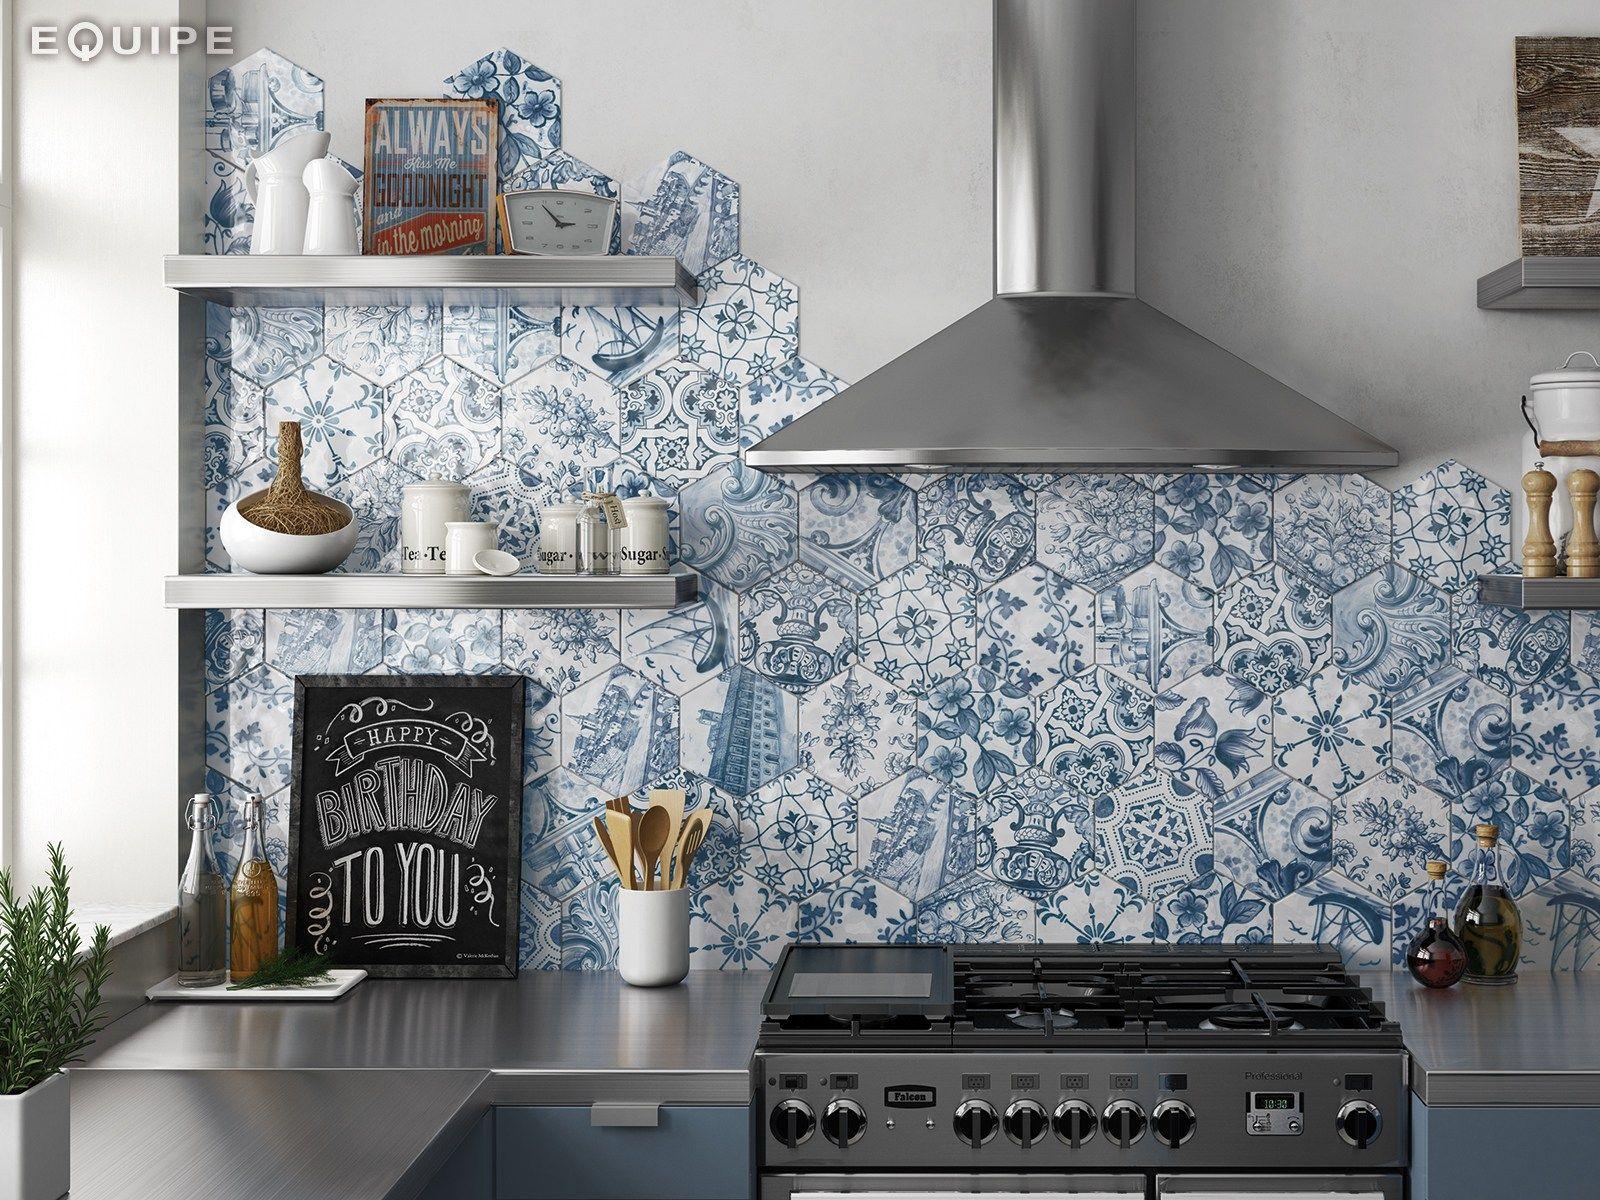 Hexatile pavimento rivestimento by equipe ceramicas - Equipe ceramicas ...